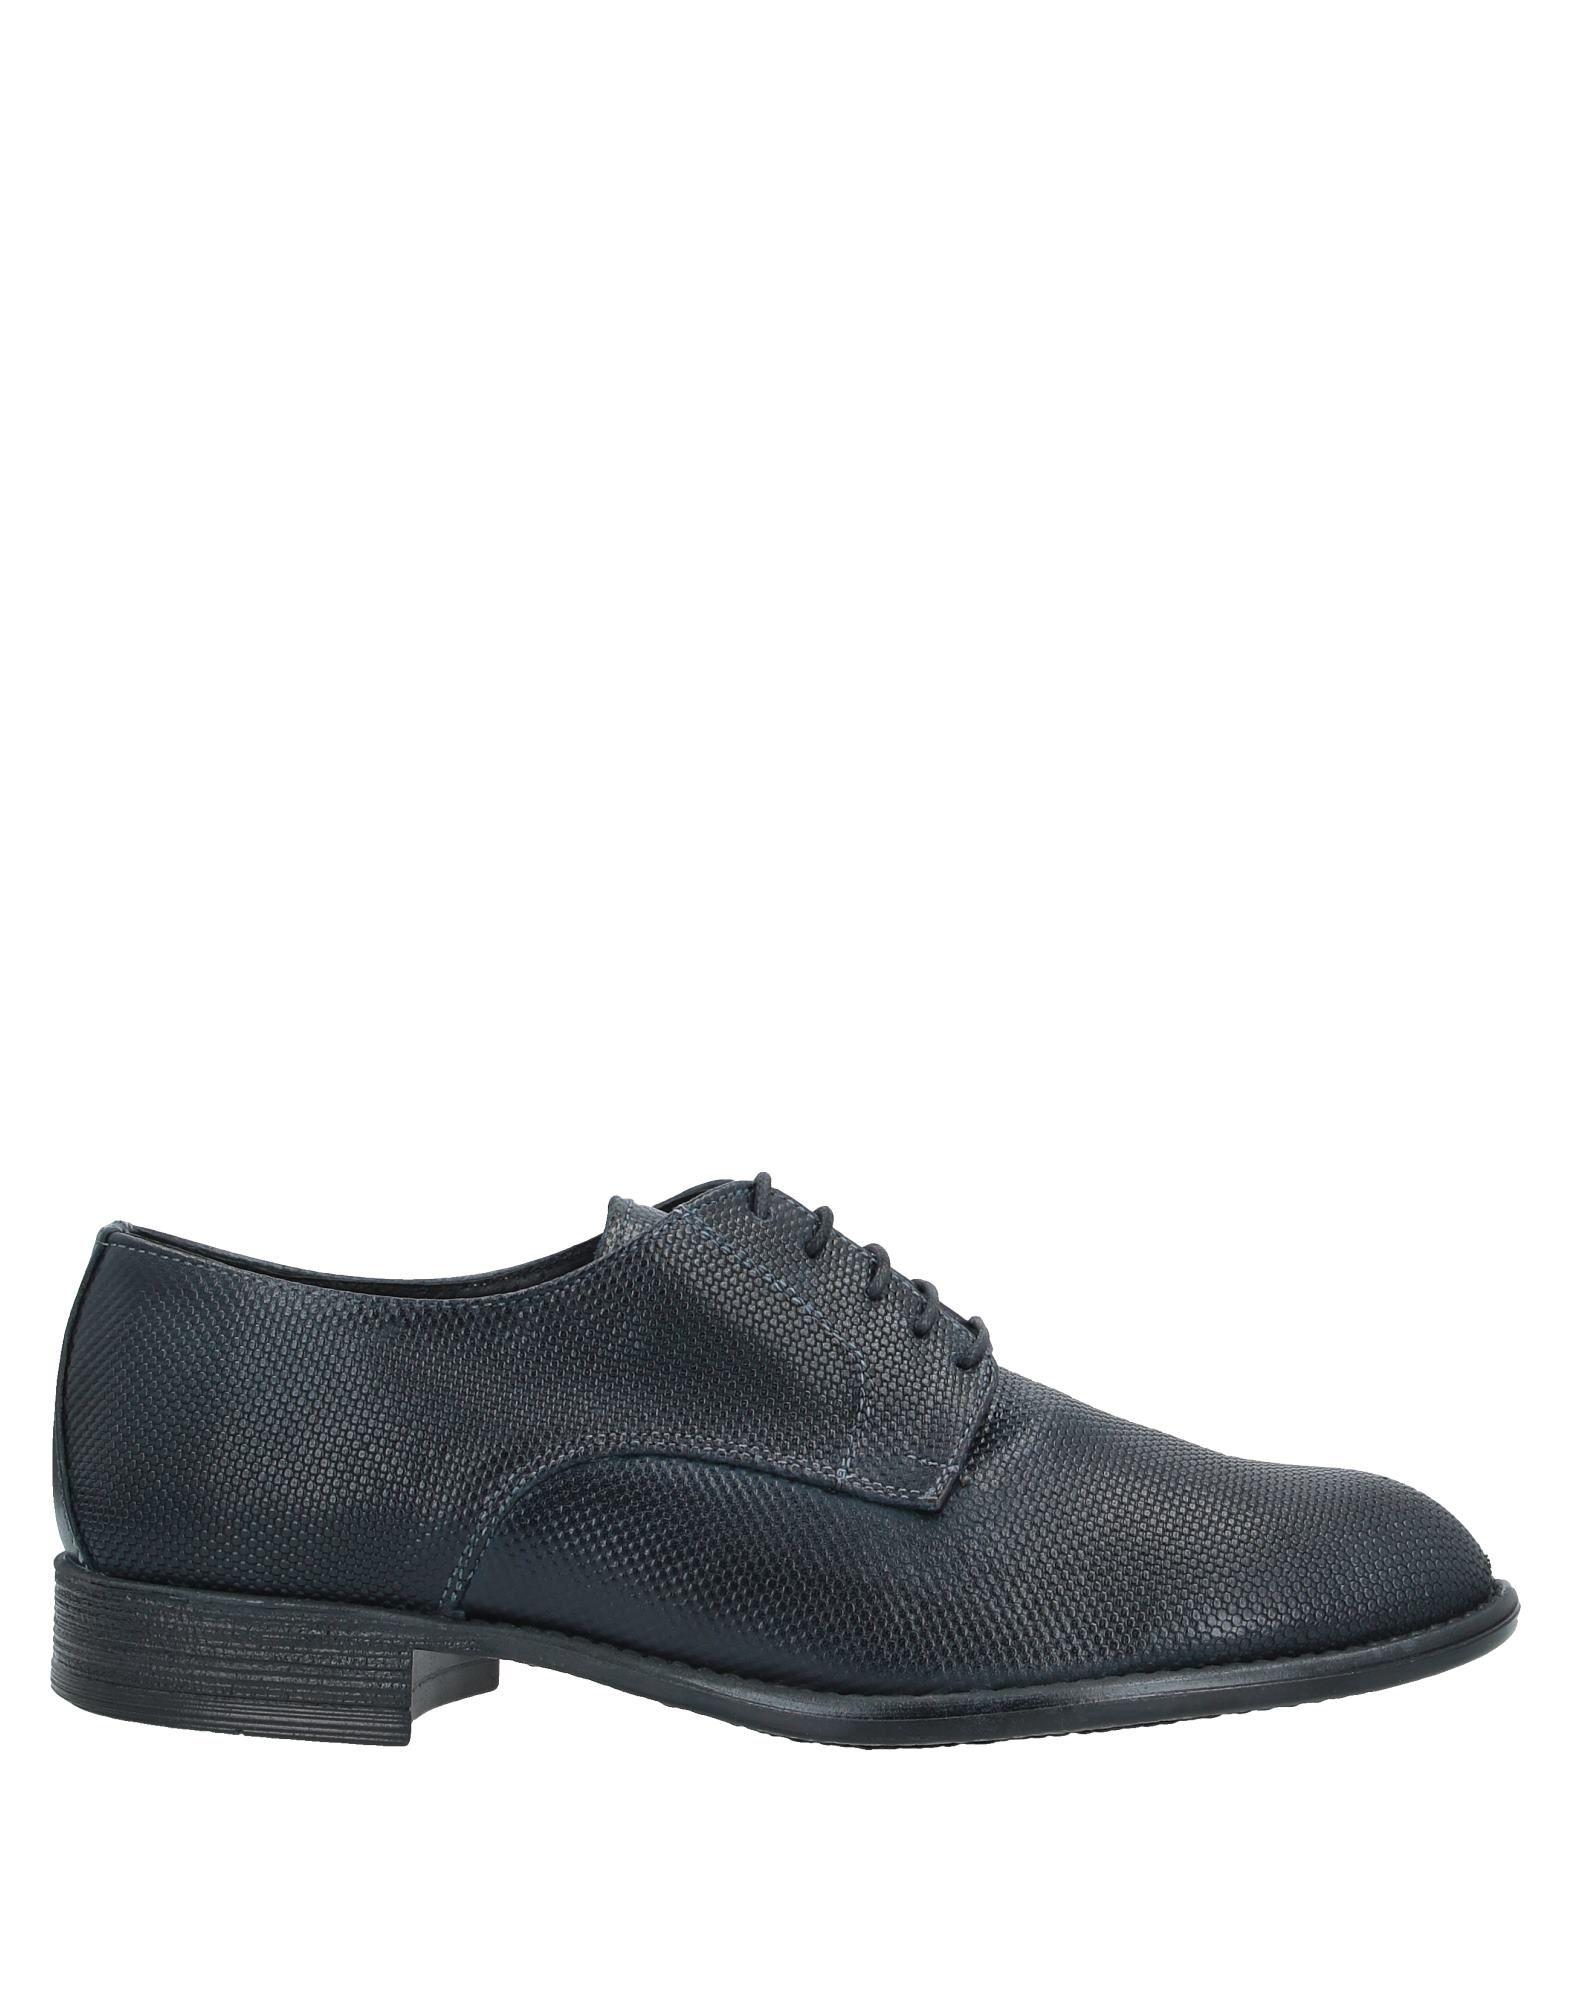 DANIELE ALESSANDRINI HOMME Обувь на шнурках selected homme обувь на шнурках